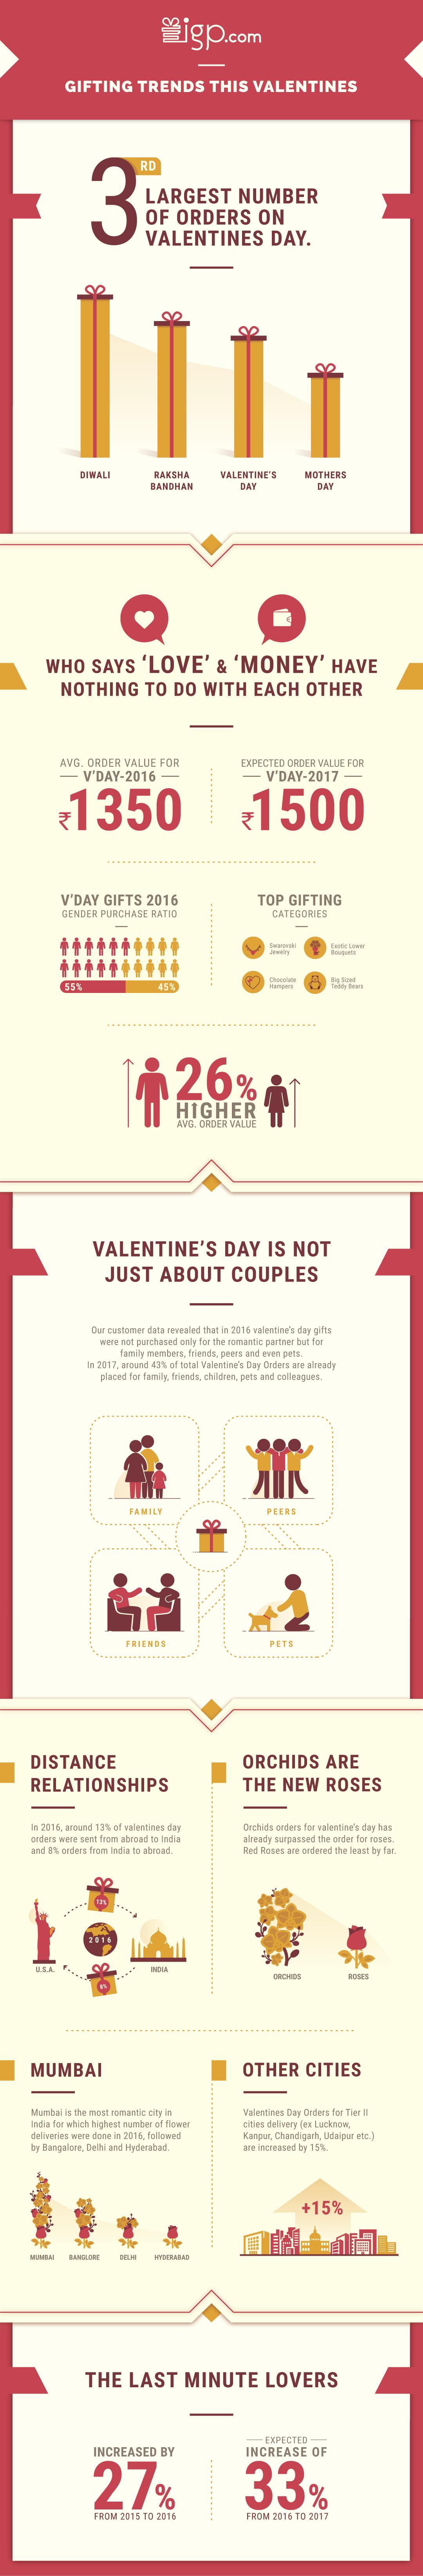 Infographics - IGP.com